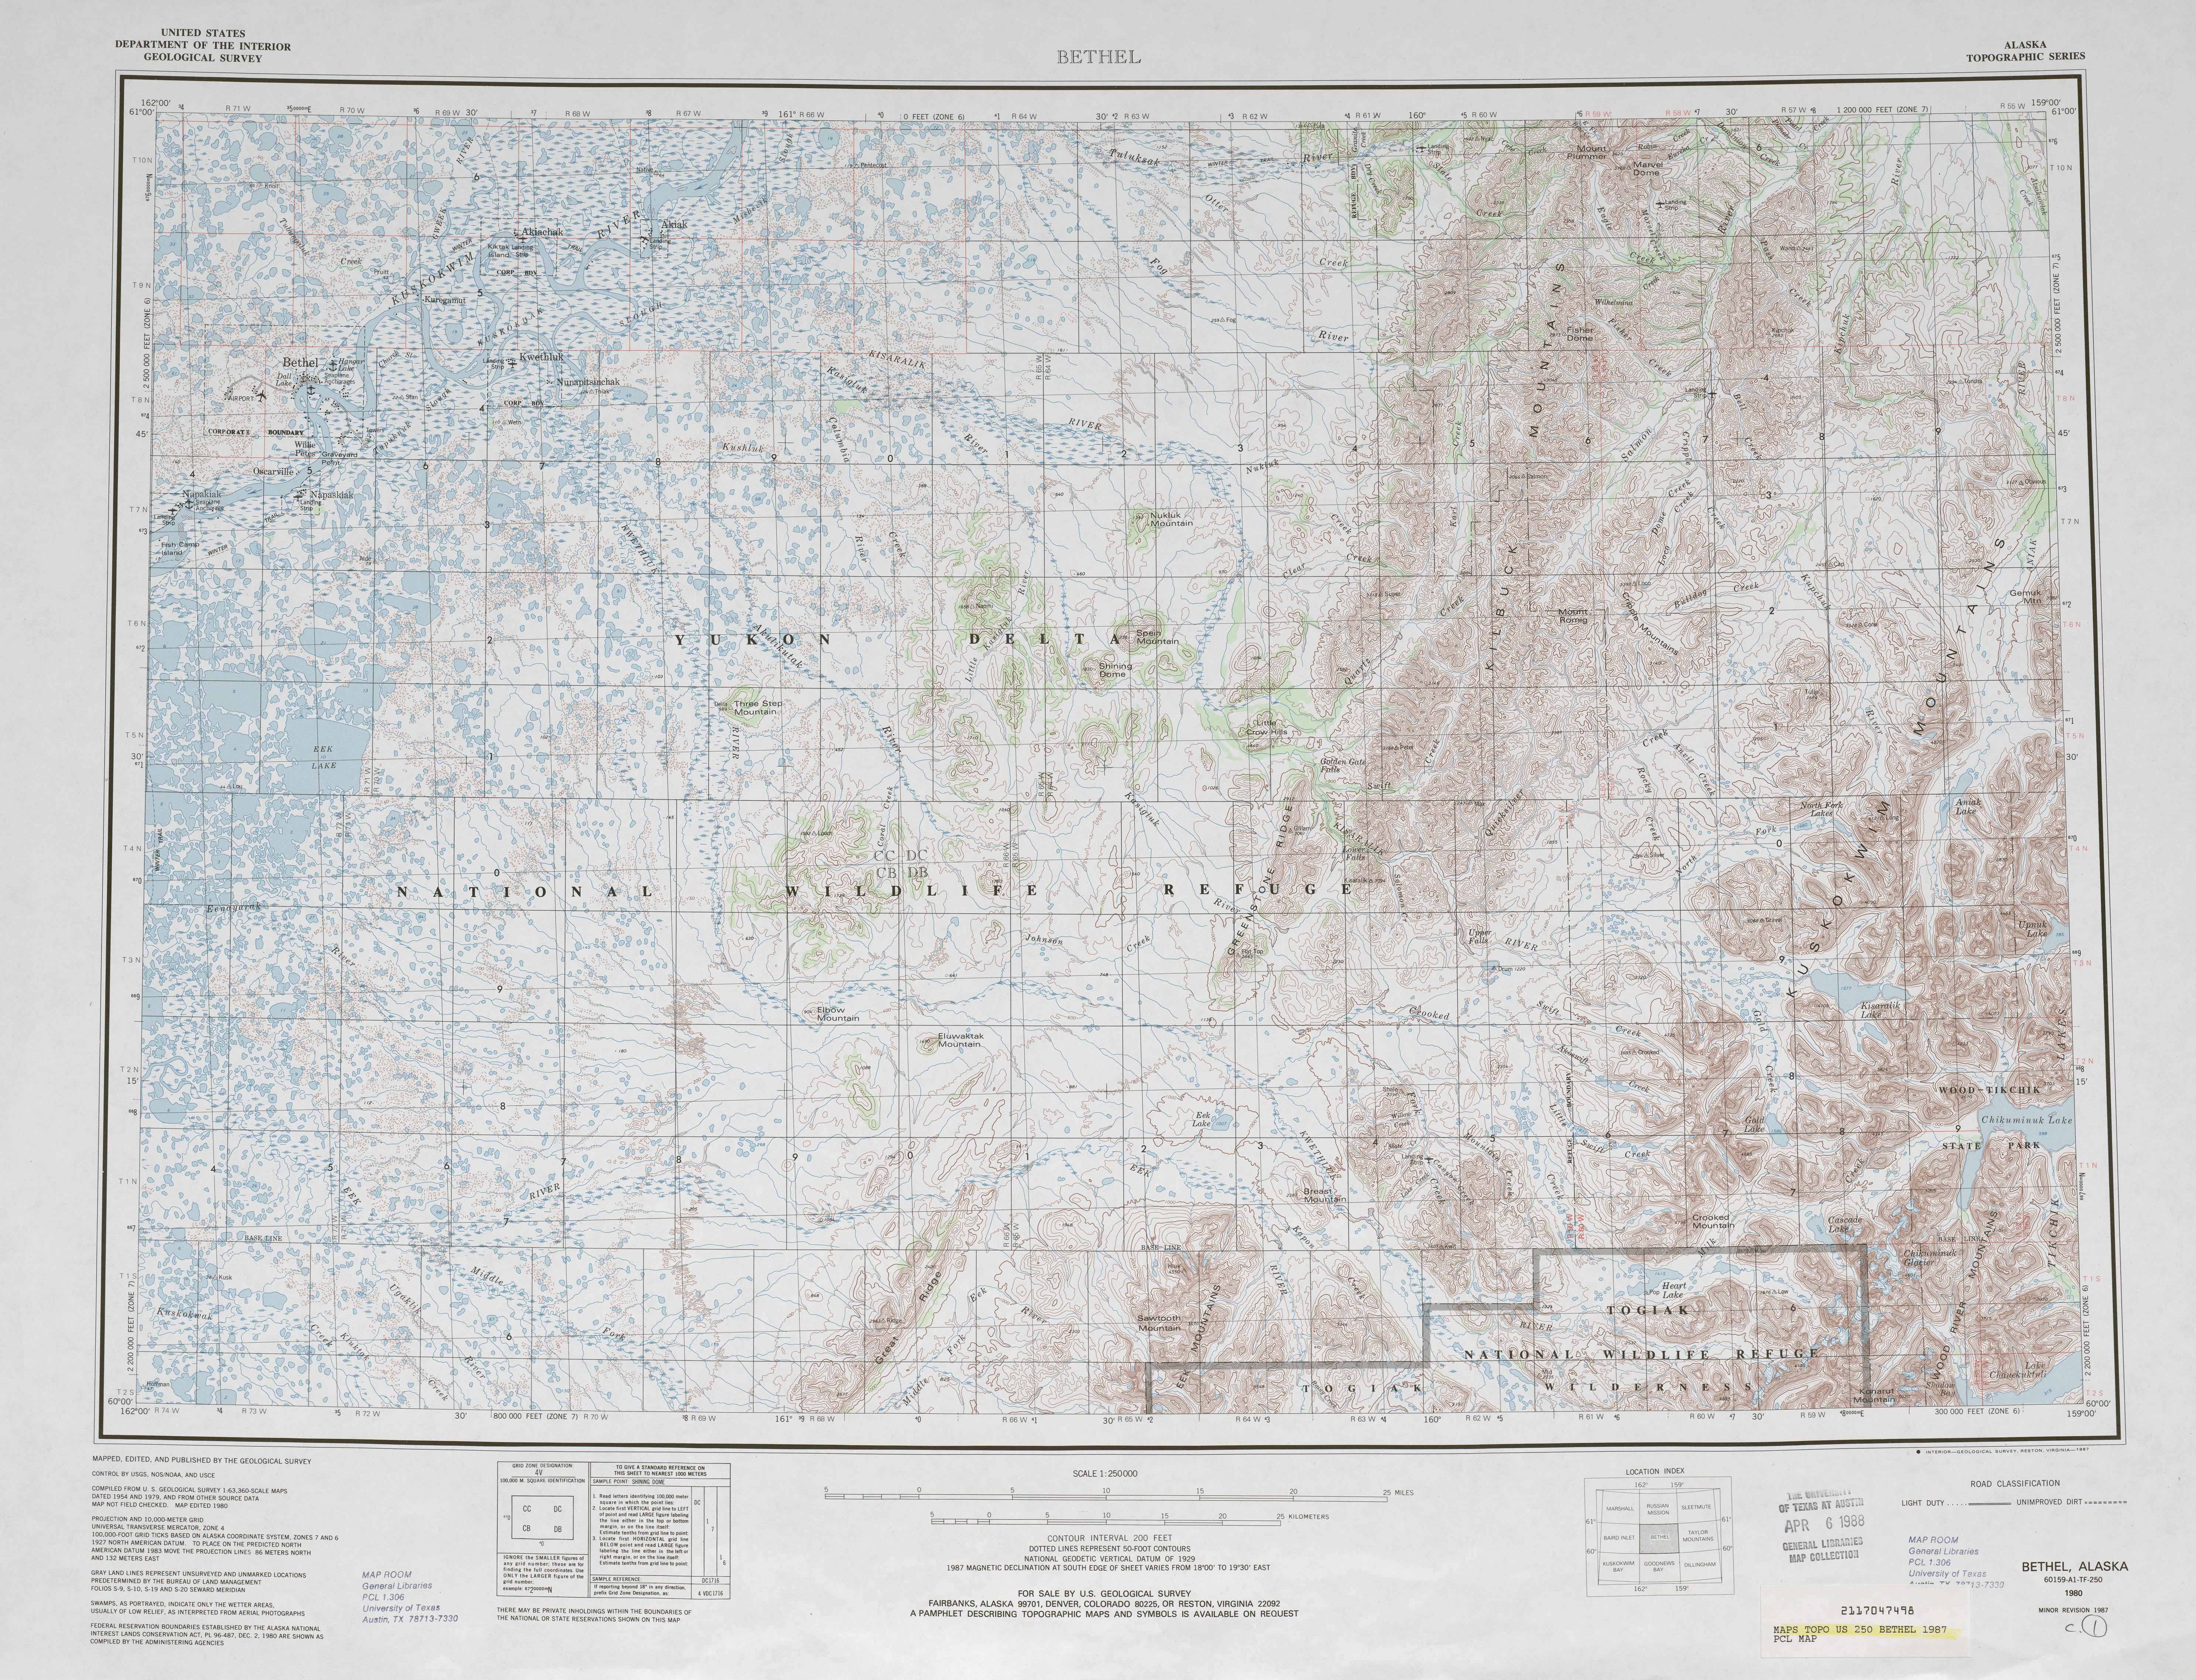 Hoja Bethel del Mapa Topográfico de los Estados Unidos 1987